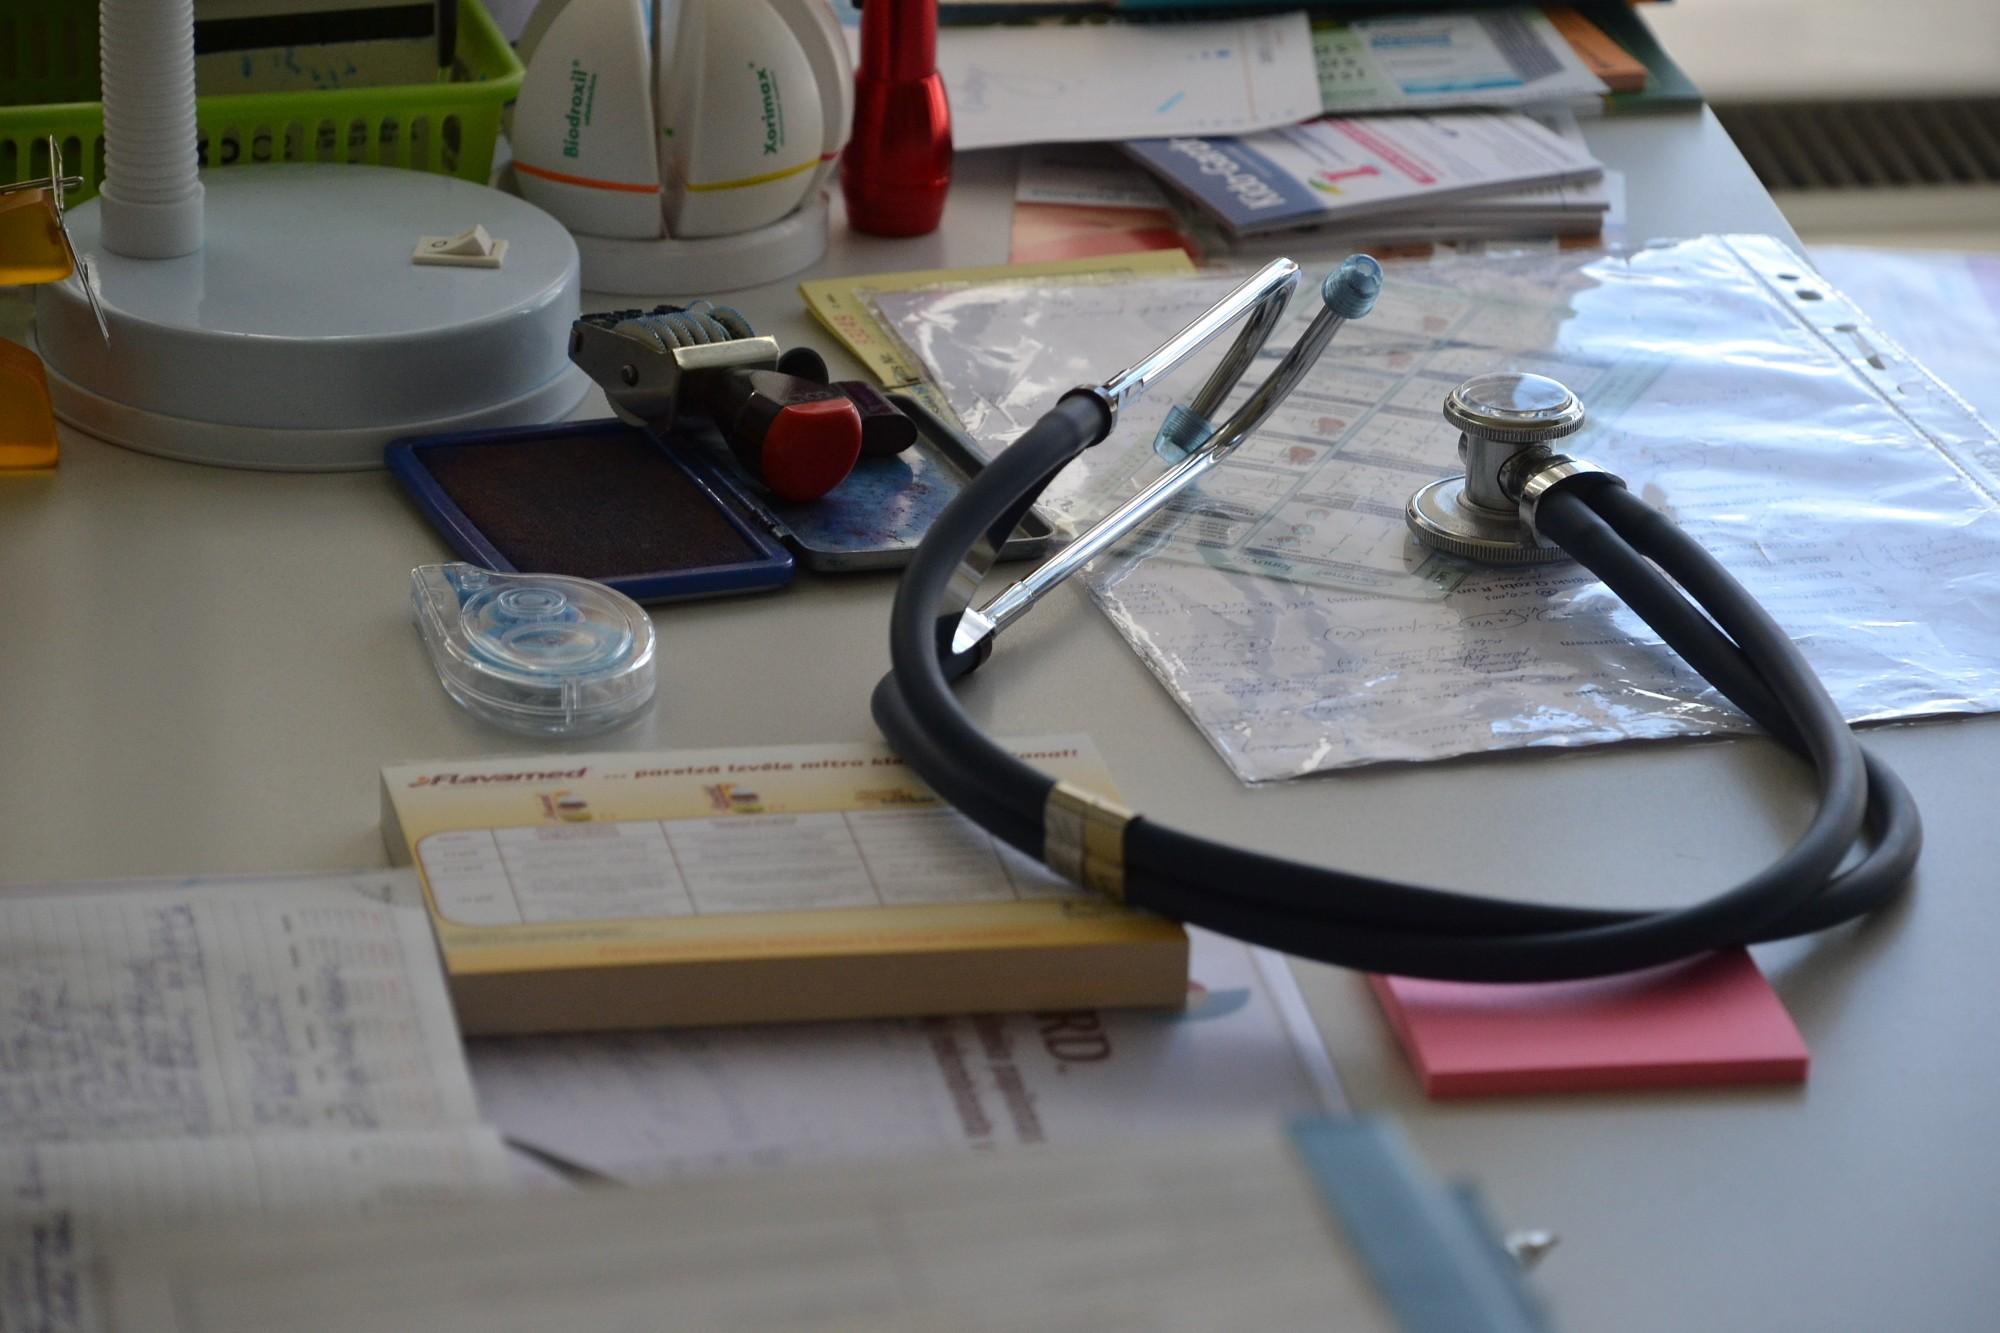 Liepājas slimnīcā izveidots pediatru kabinets